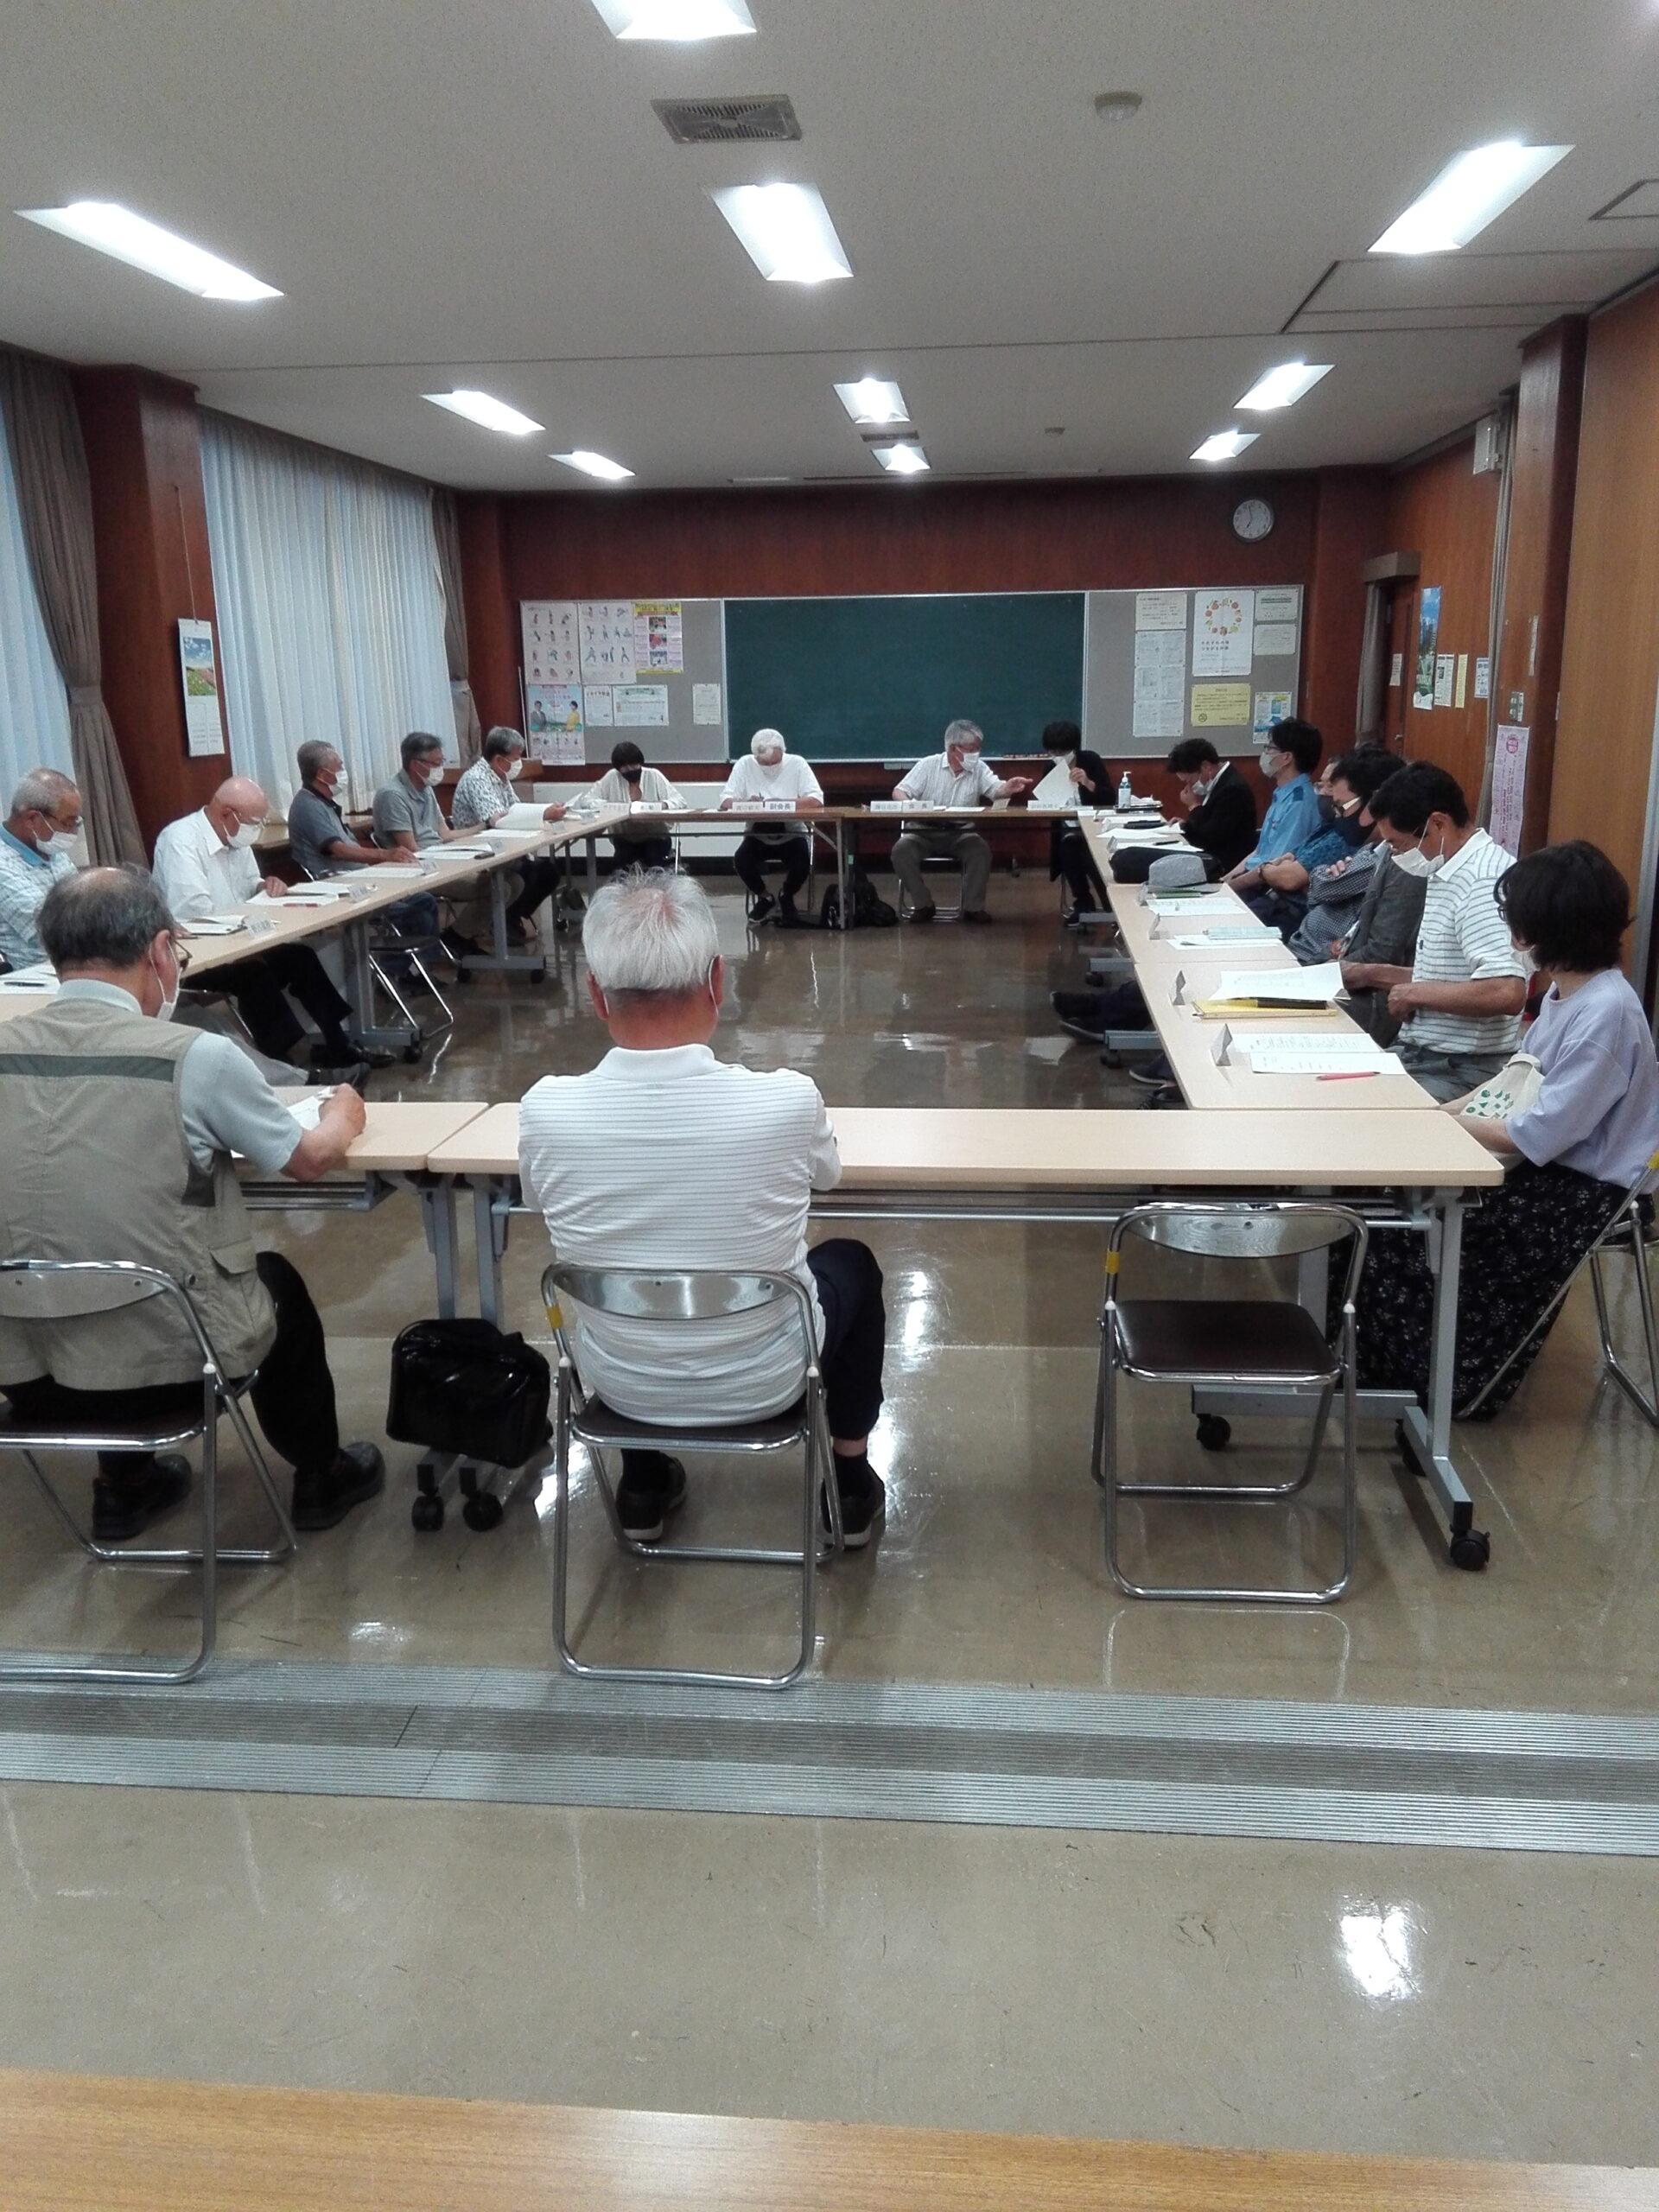 下野地区まちづくり委員会開催